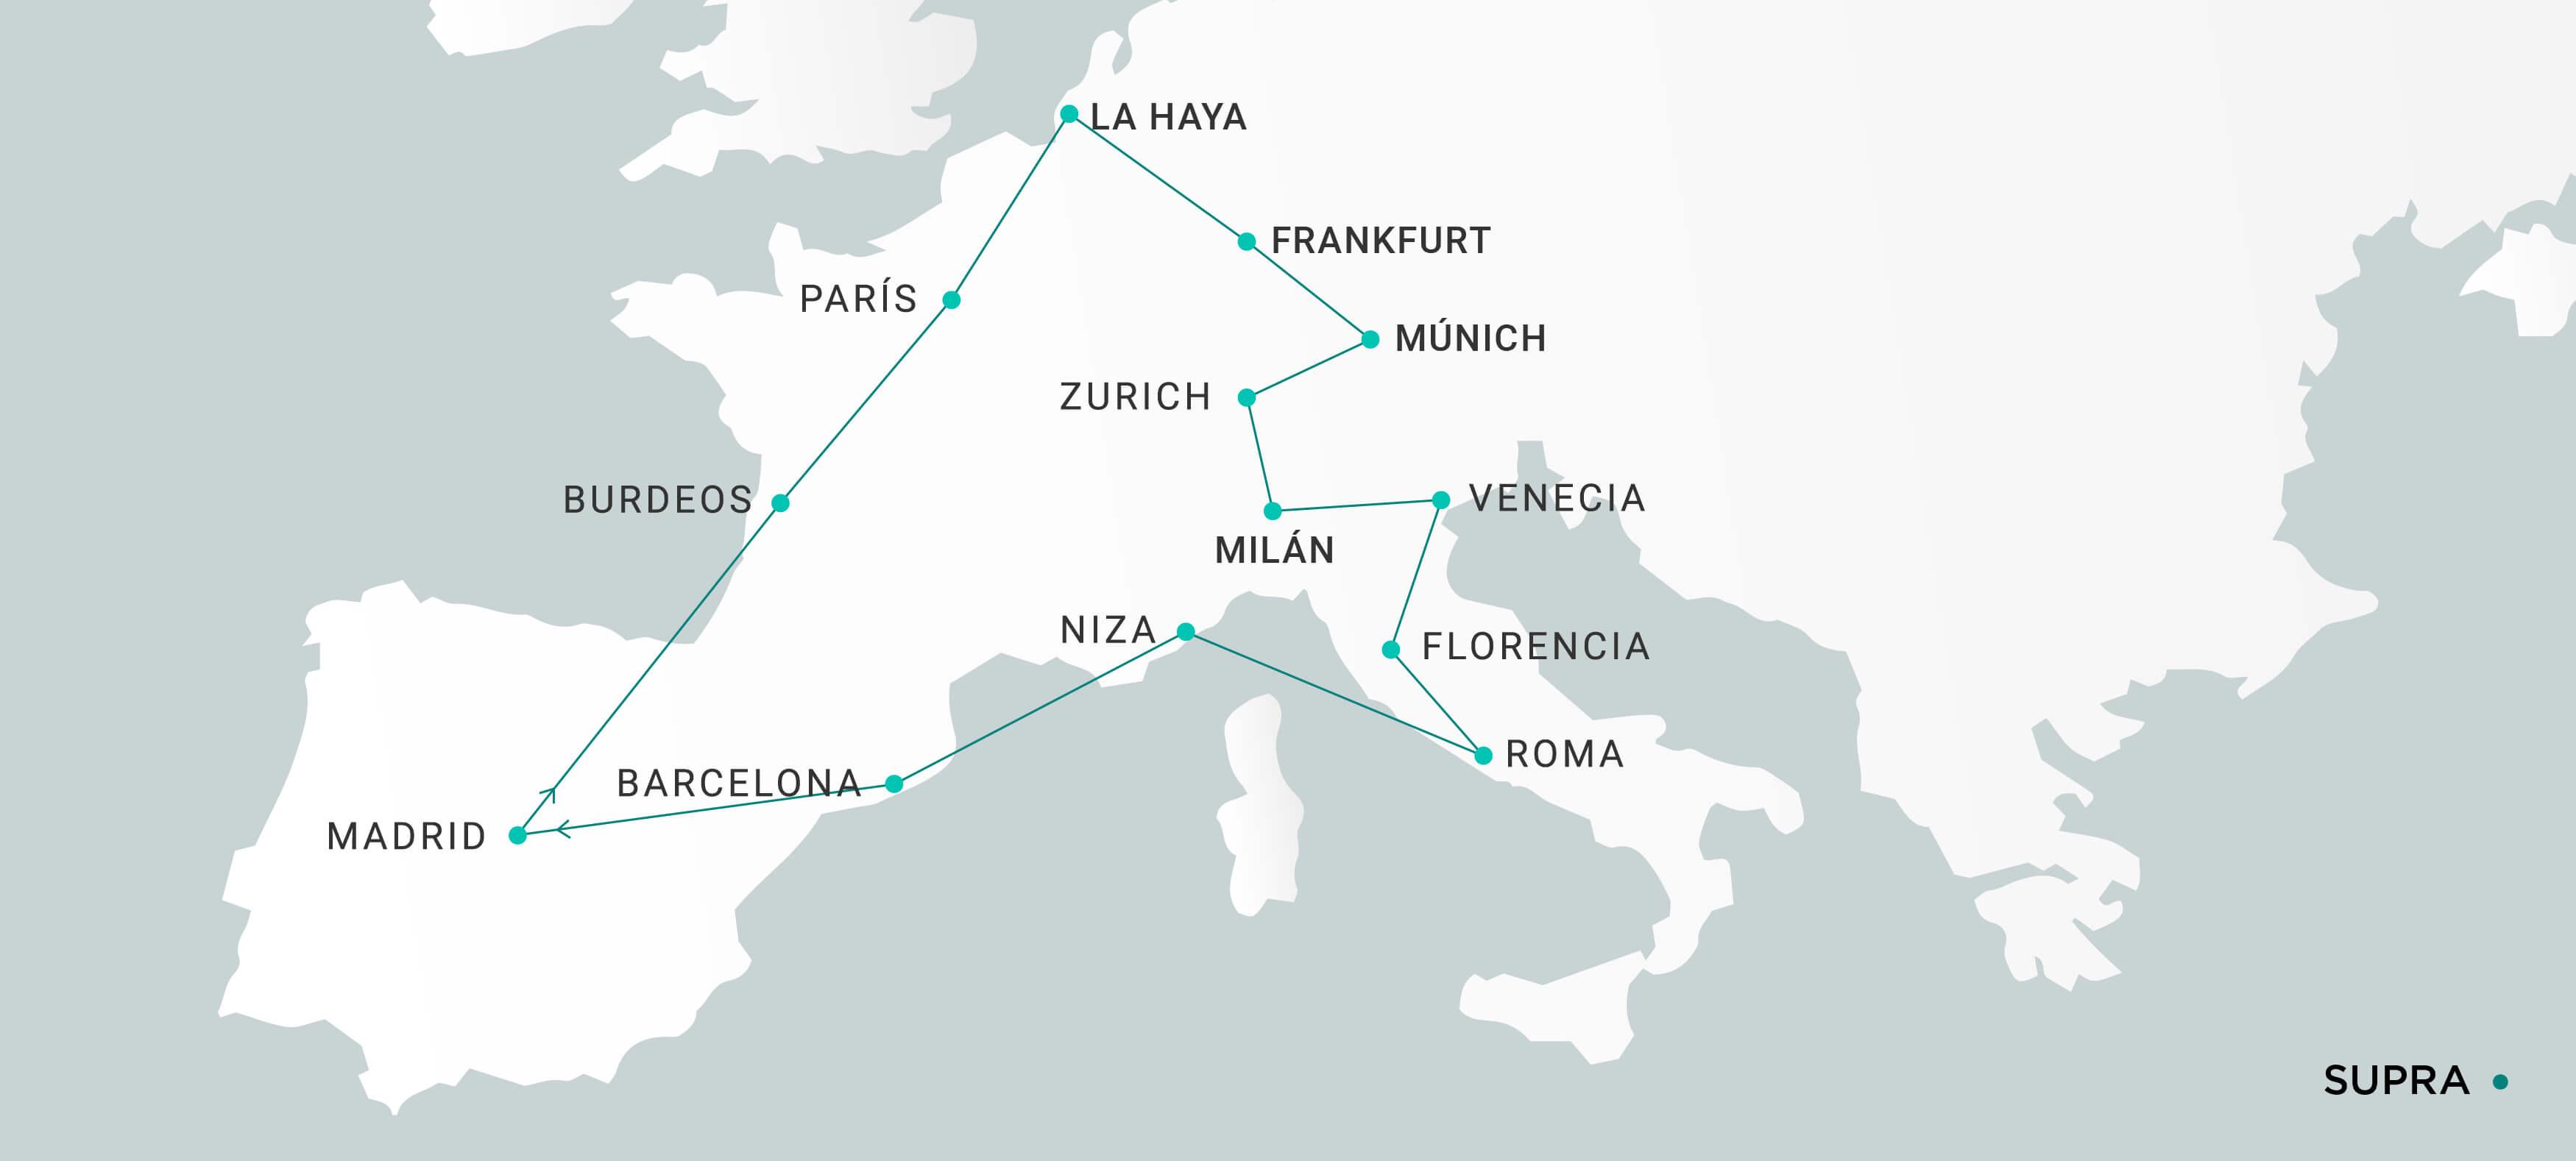 Mapa Supra